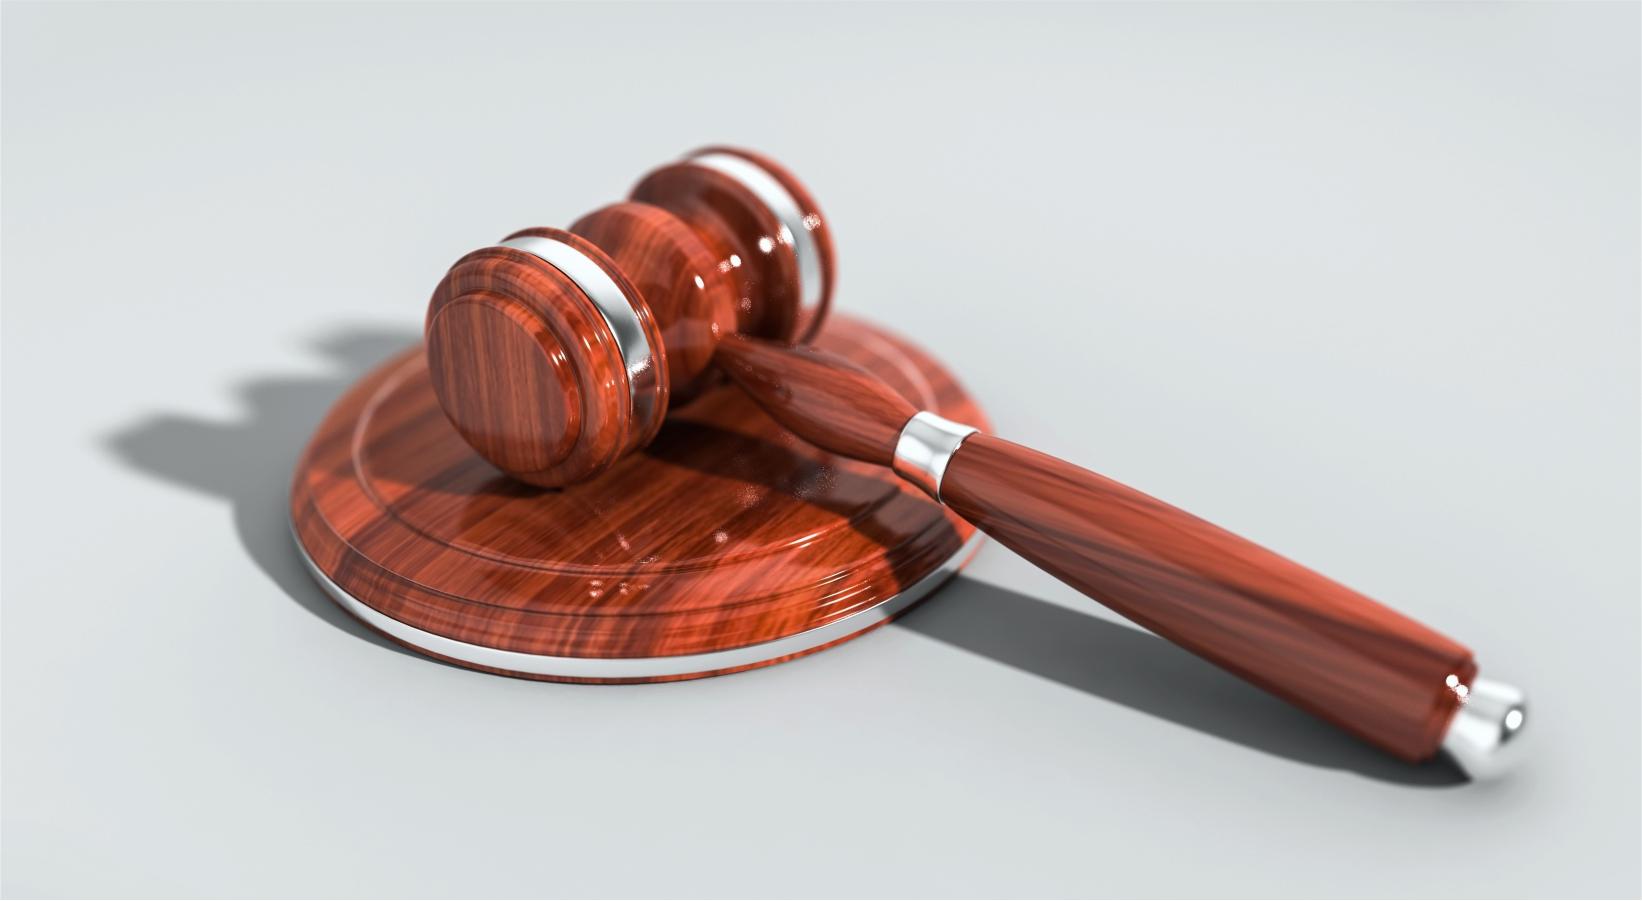 arrisalahnet Keadilan, Barang Langka Yang Sulit Ditemukan